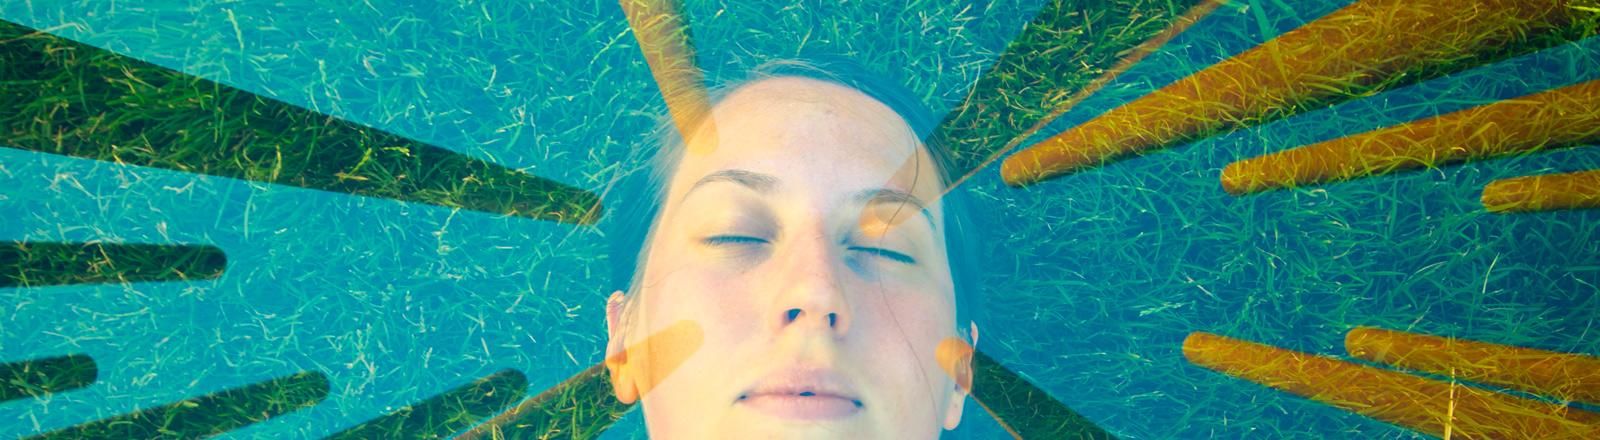 Eine Frau träumt, psychedelische Formen